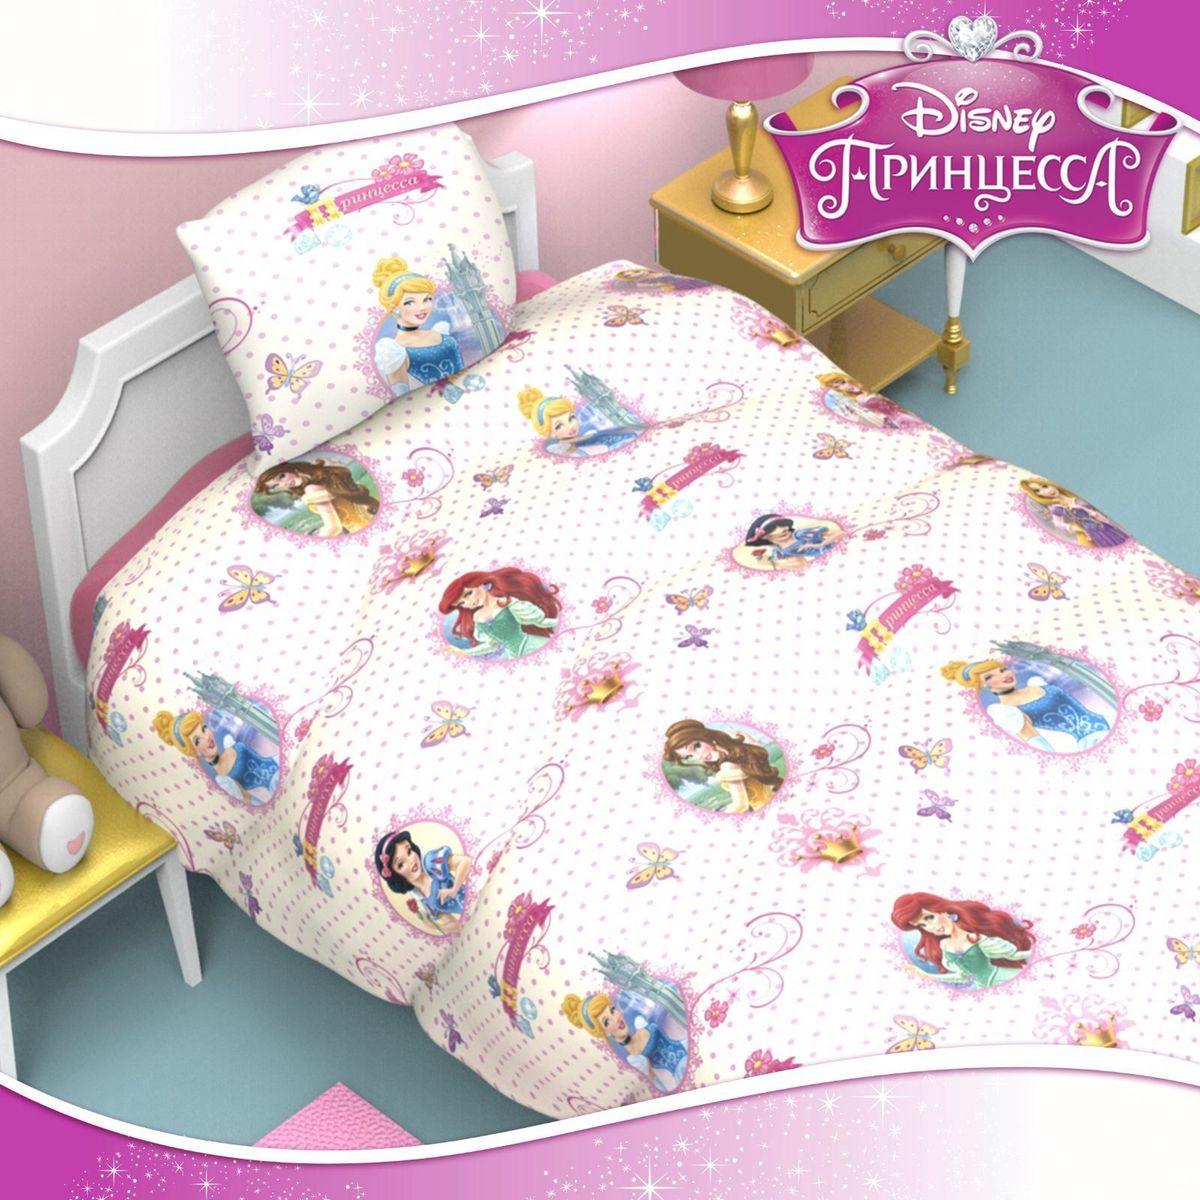 Disney Подушка Принцессы 50 х 70 см цвет белый